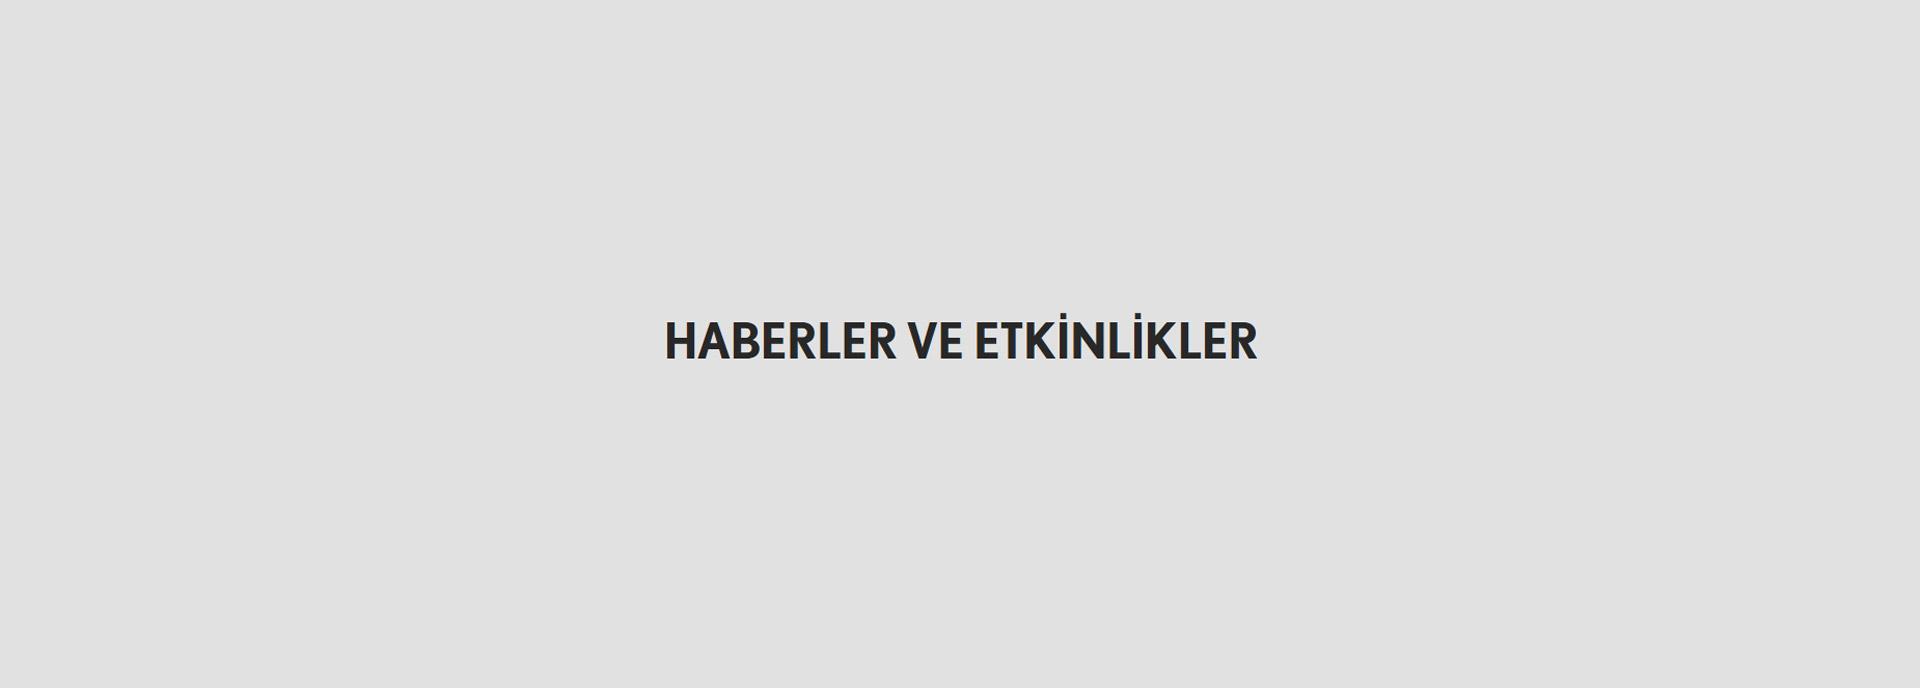 Haber header